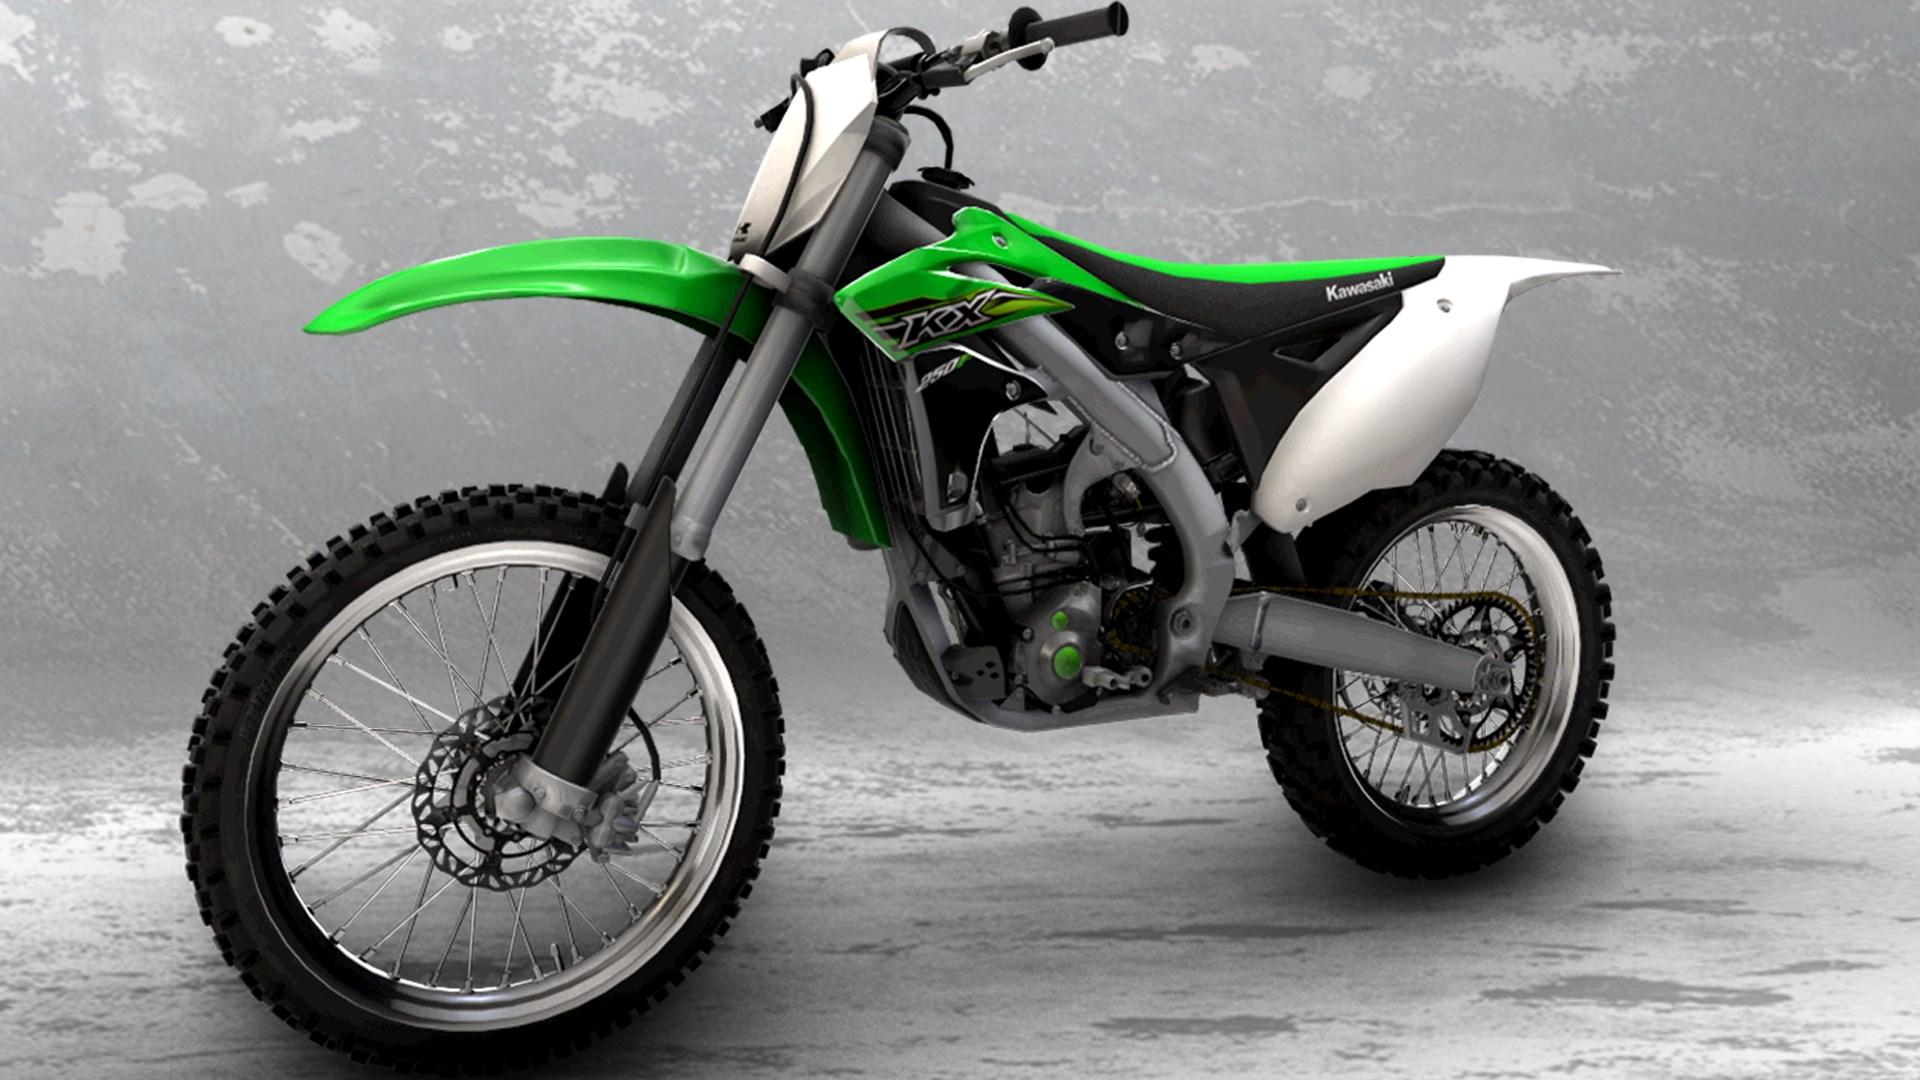 2015 Kawasaki KX 250F MX